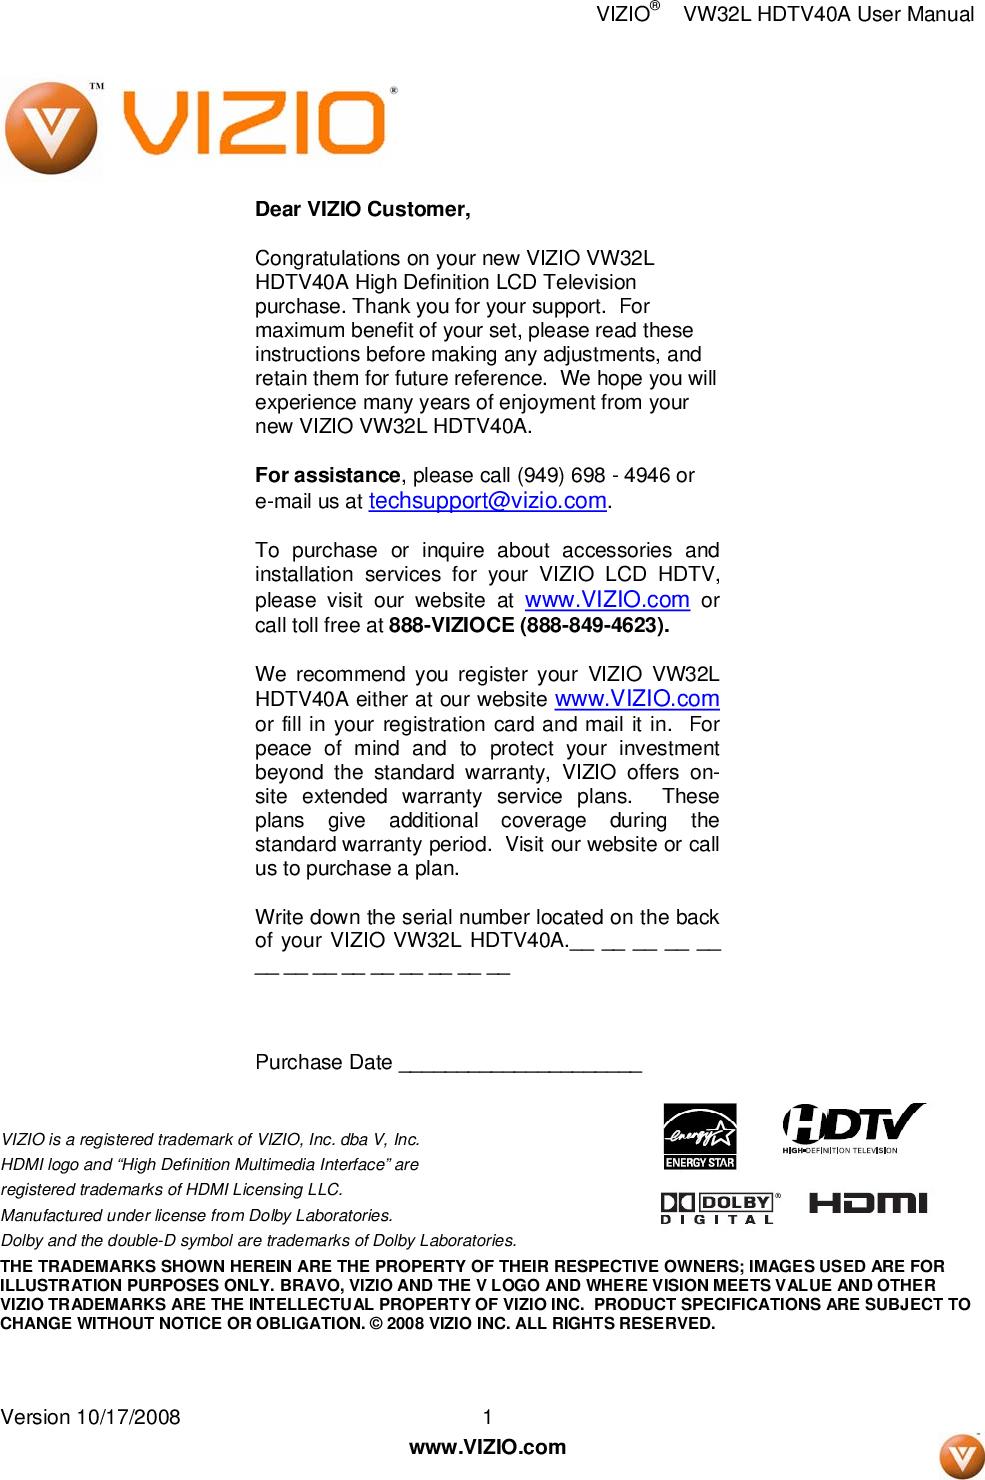 vizio owners manual vw32l